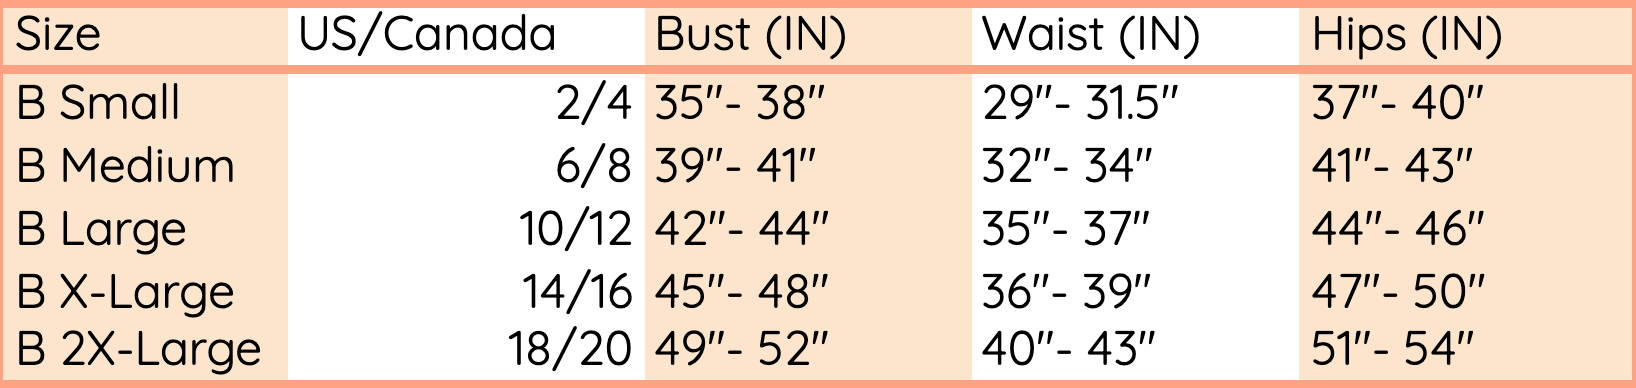 buzzoms_size_chart